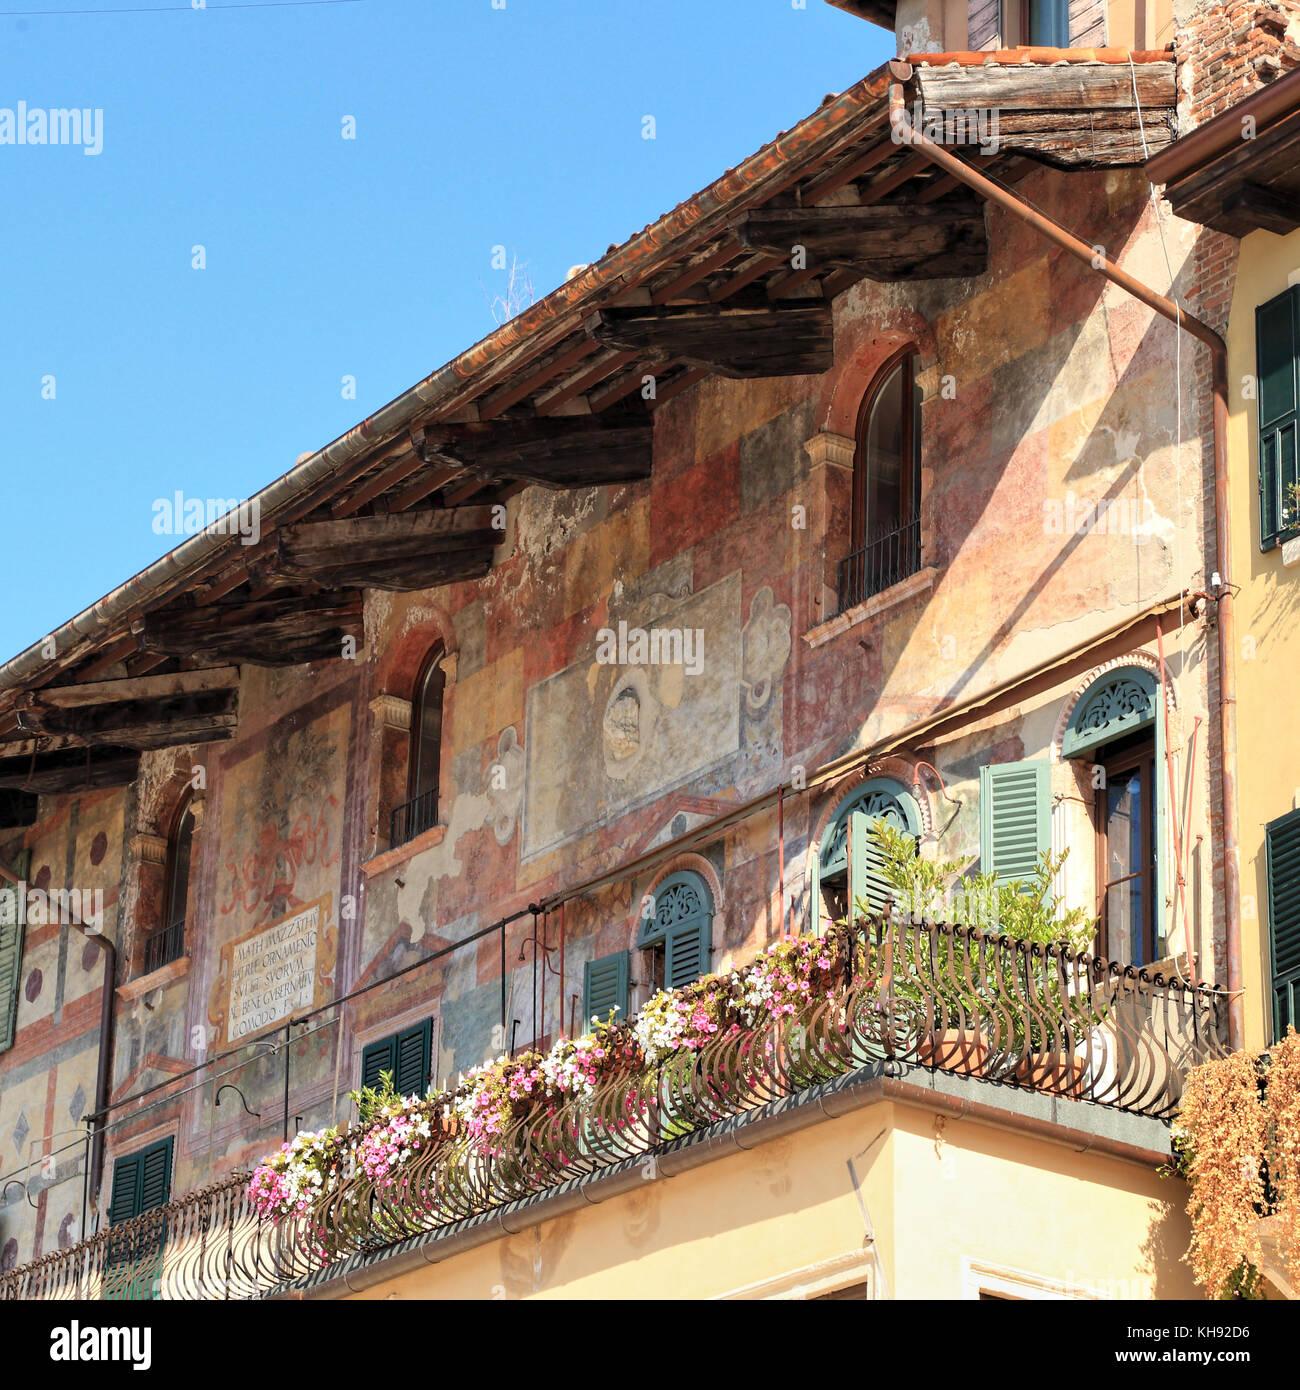 Fresken in der Casa Mazzanti, Piazza delle Erbe, Verona Stockbild